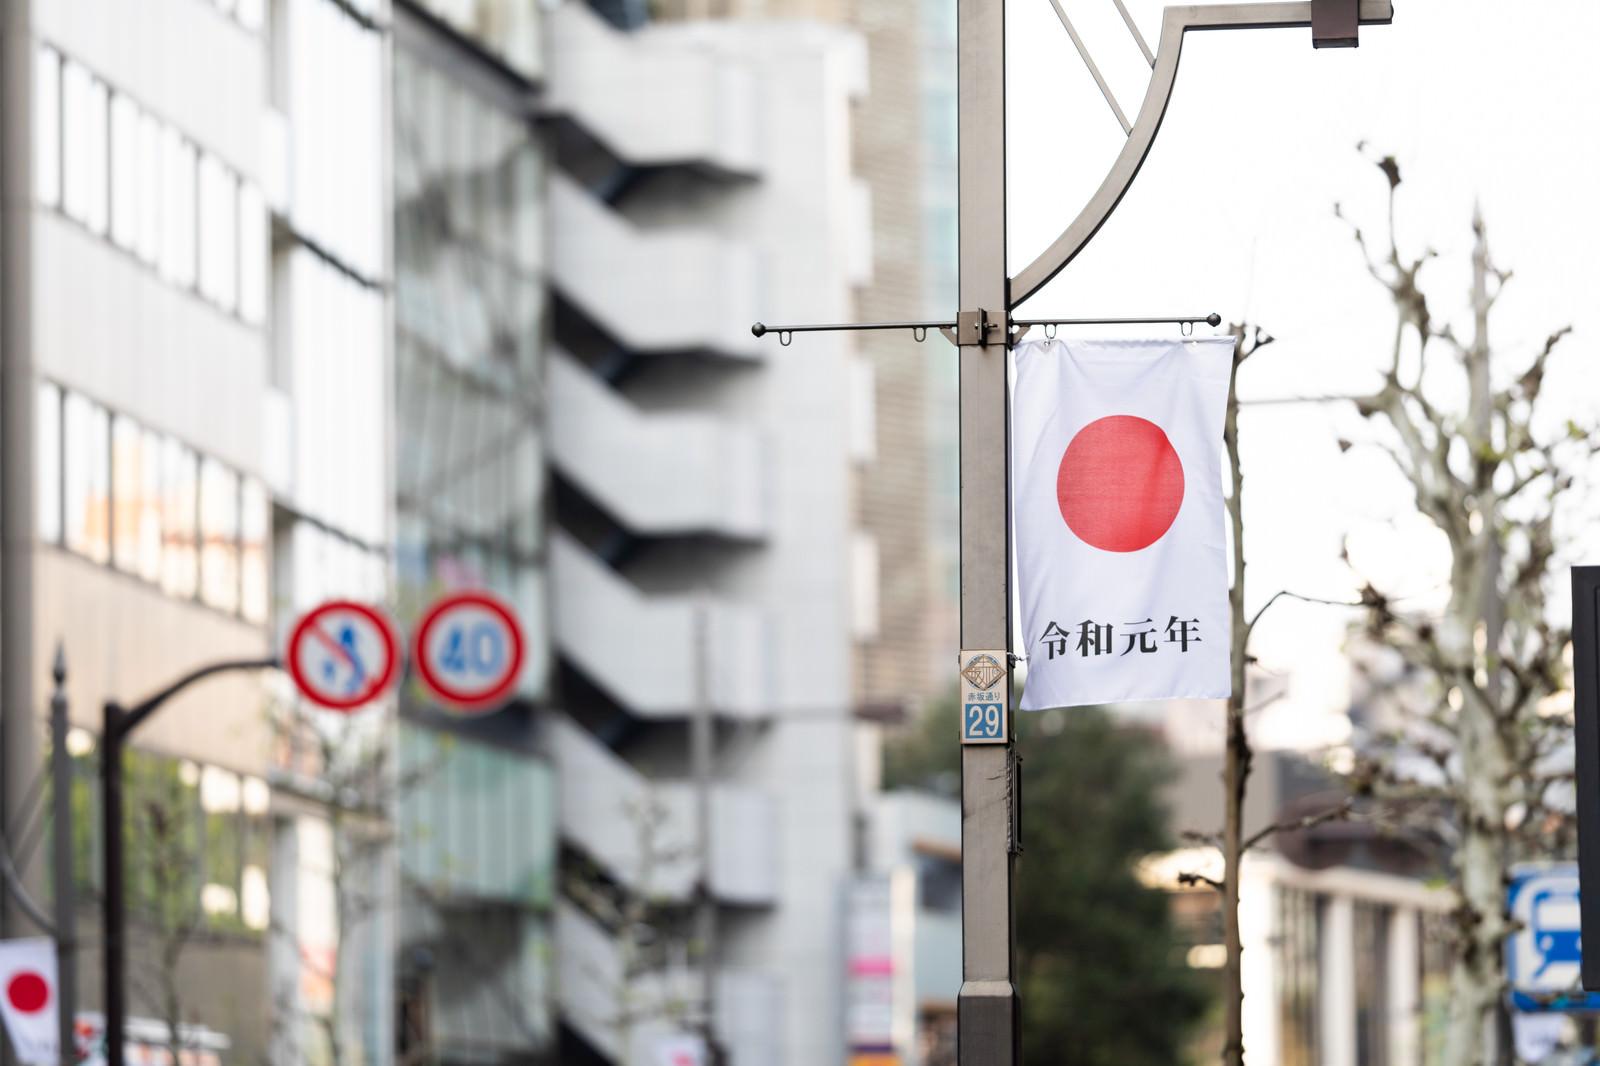 「街中で掲げられた令和元年の旗」の写真